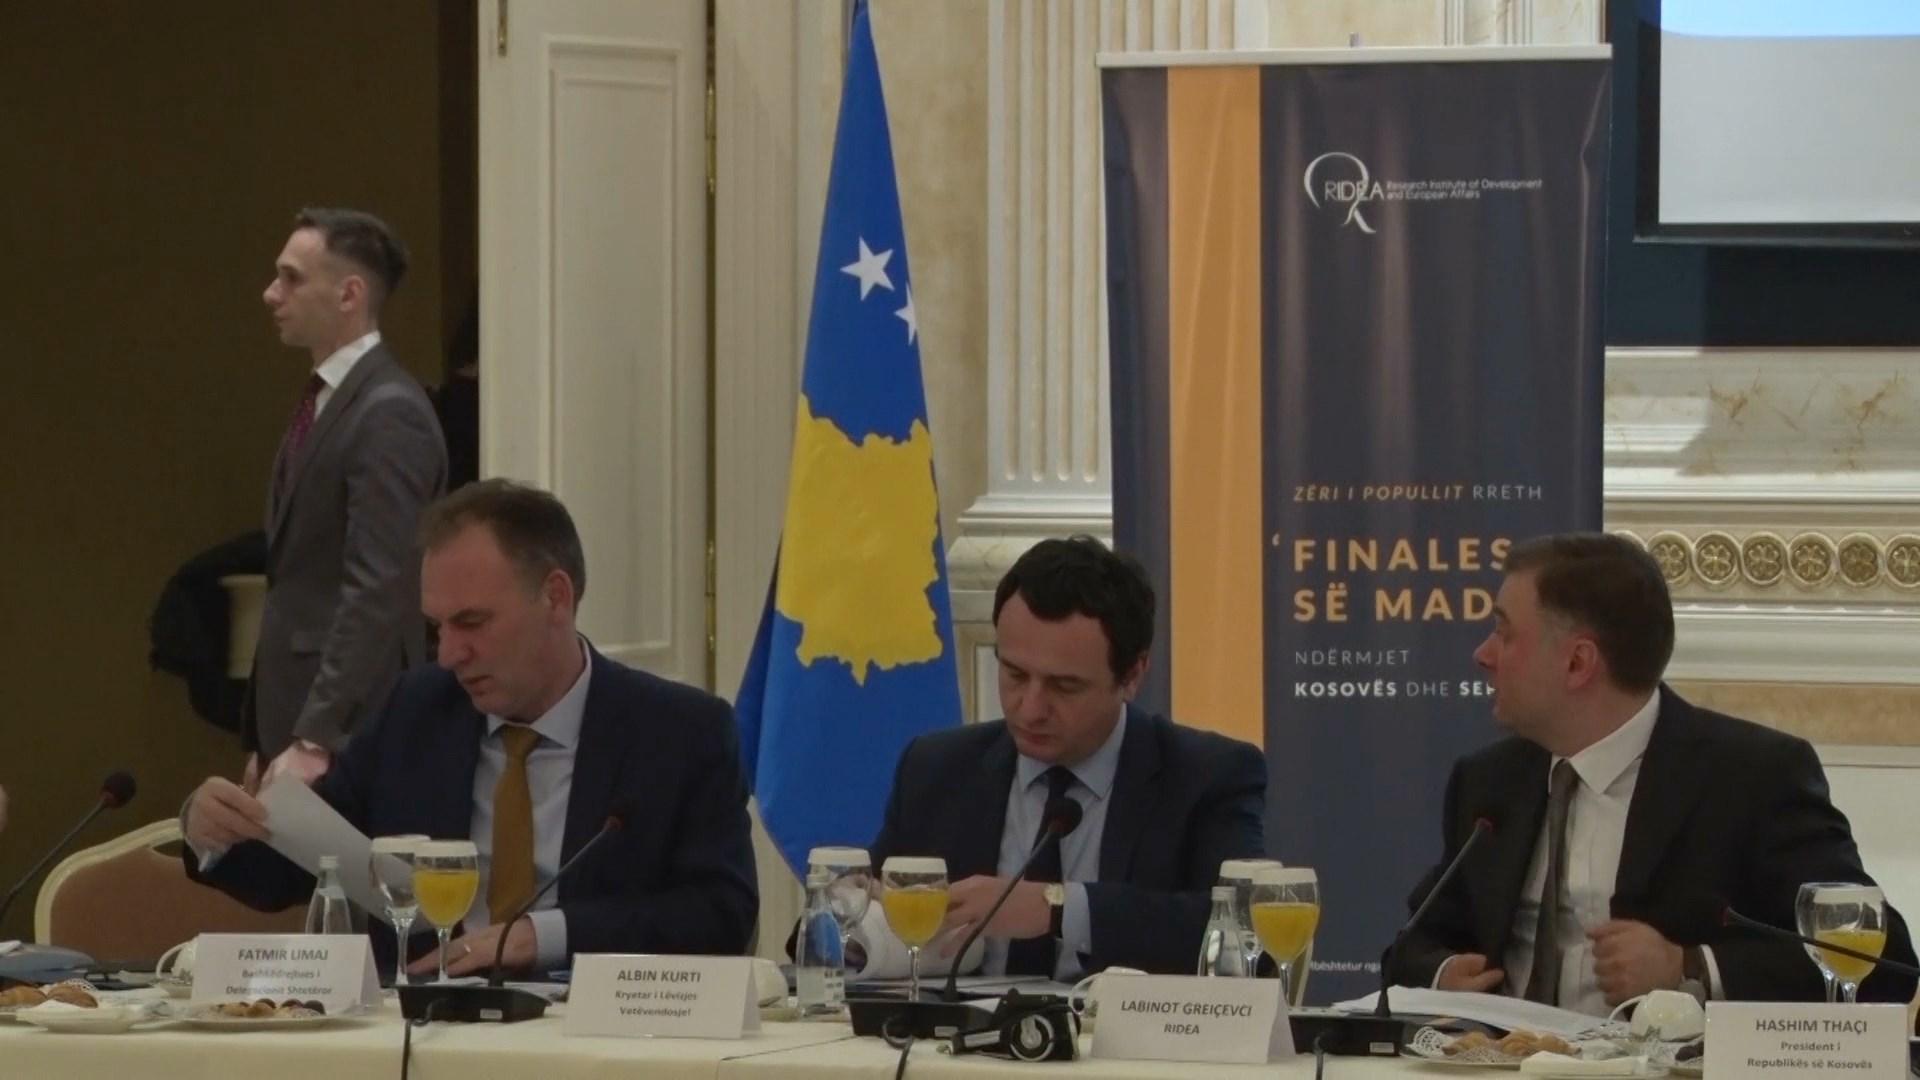 Takimi i Ohrit për minishengenin, Kurti: I nxituar, Shqipëria duhet t'i nisë me Kosovën projekte të tilla